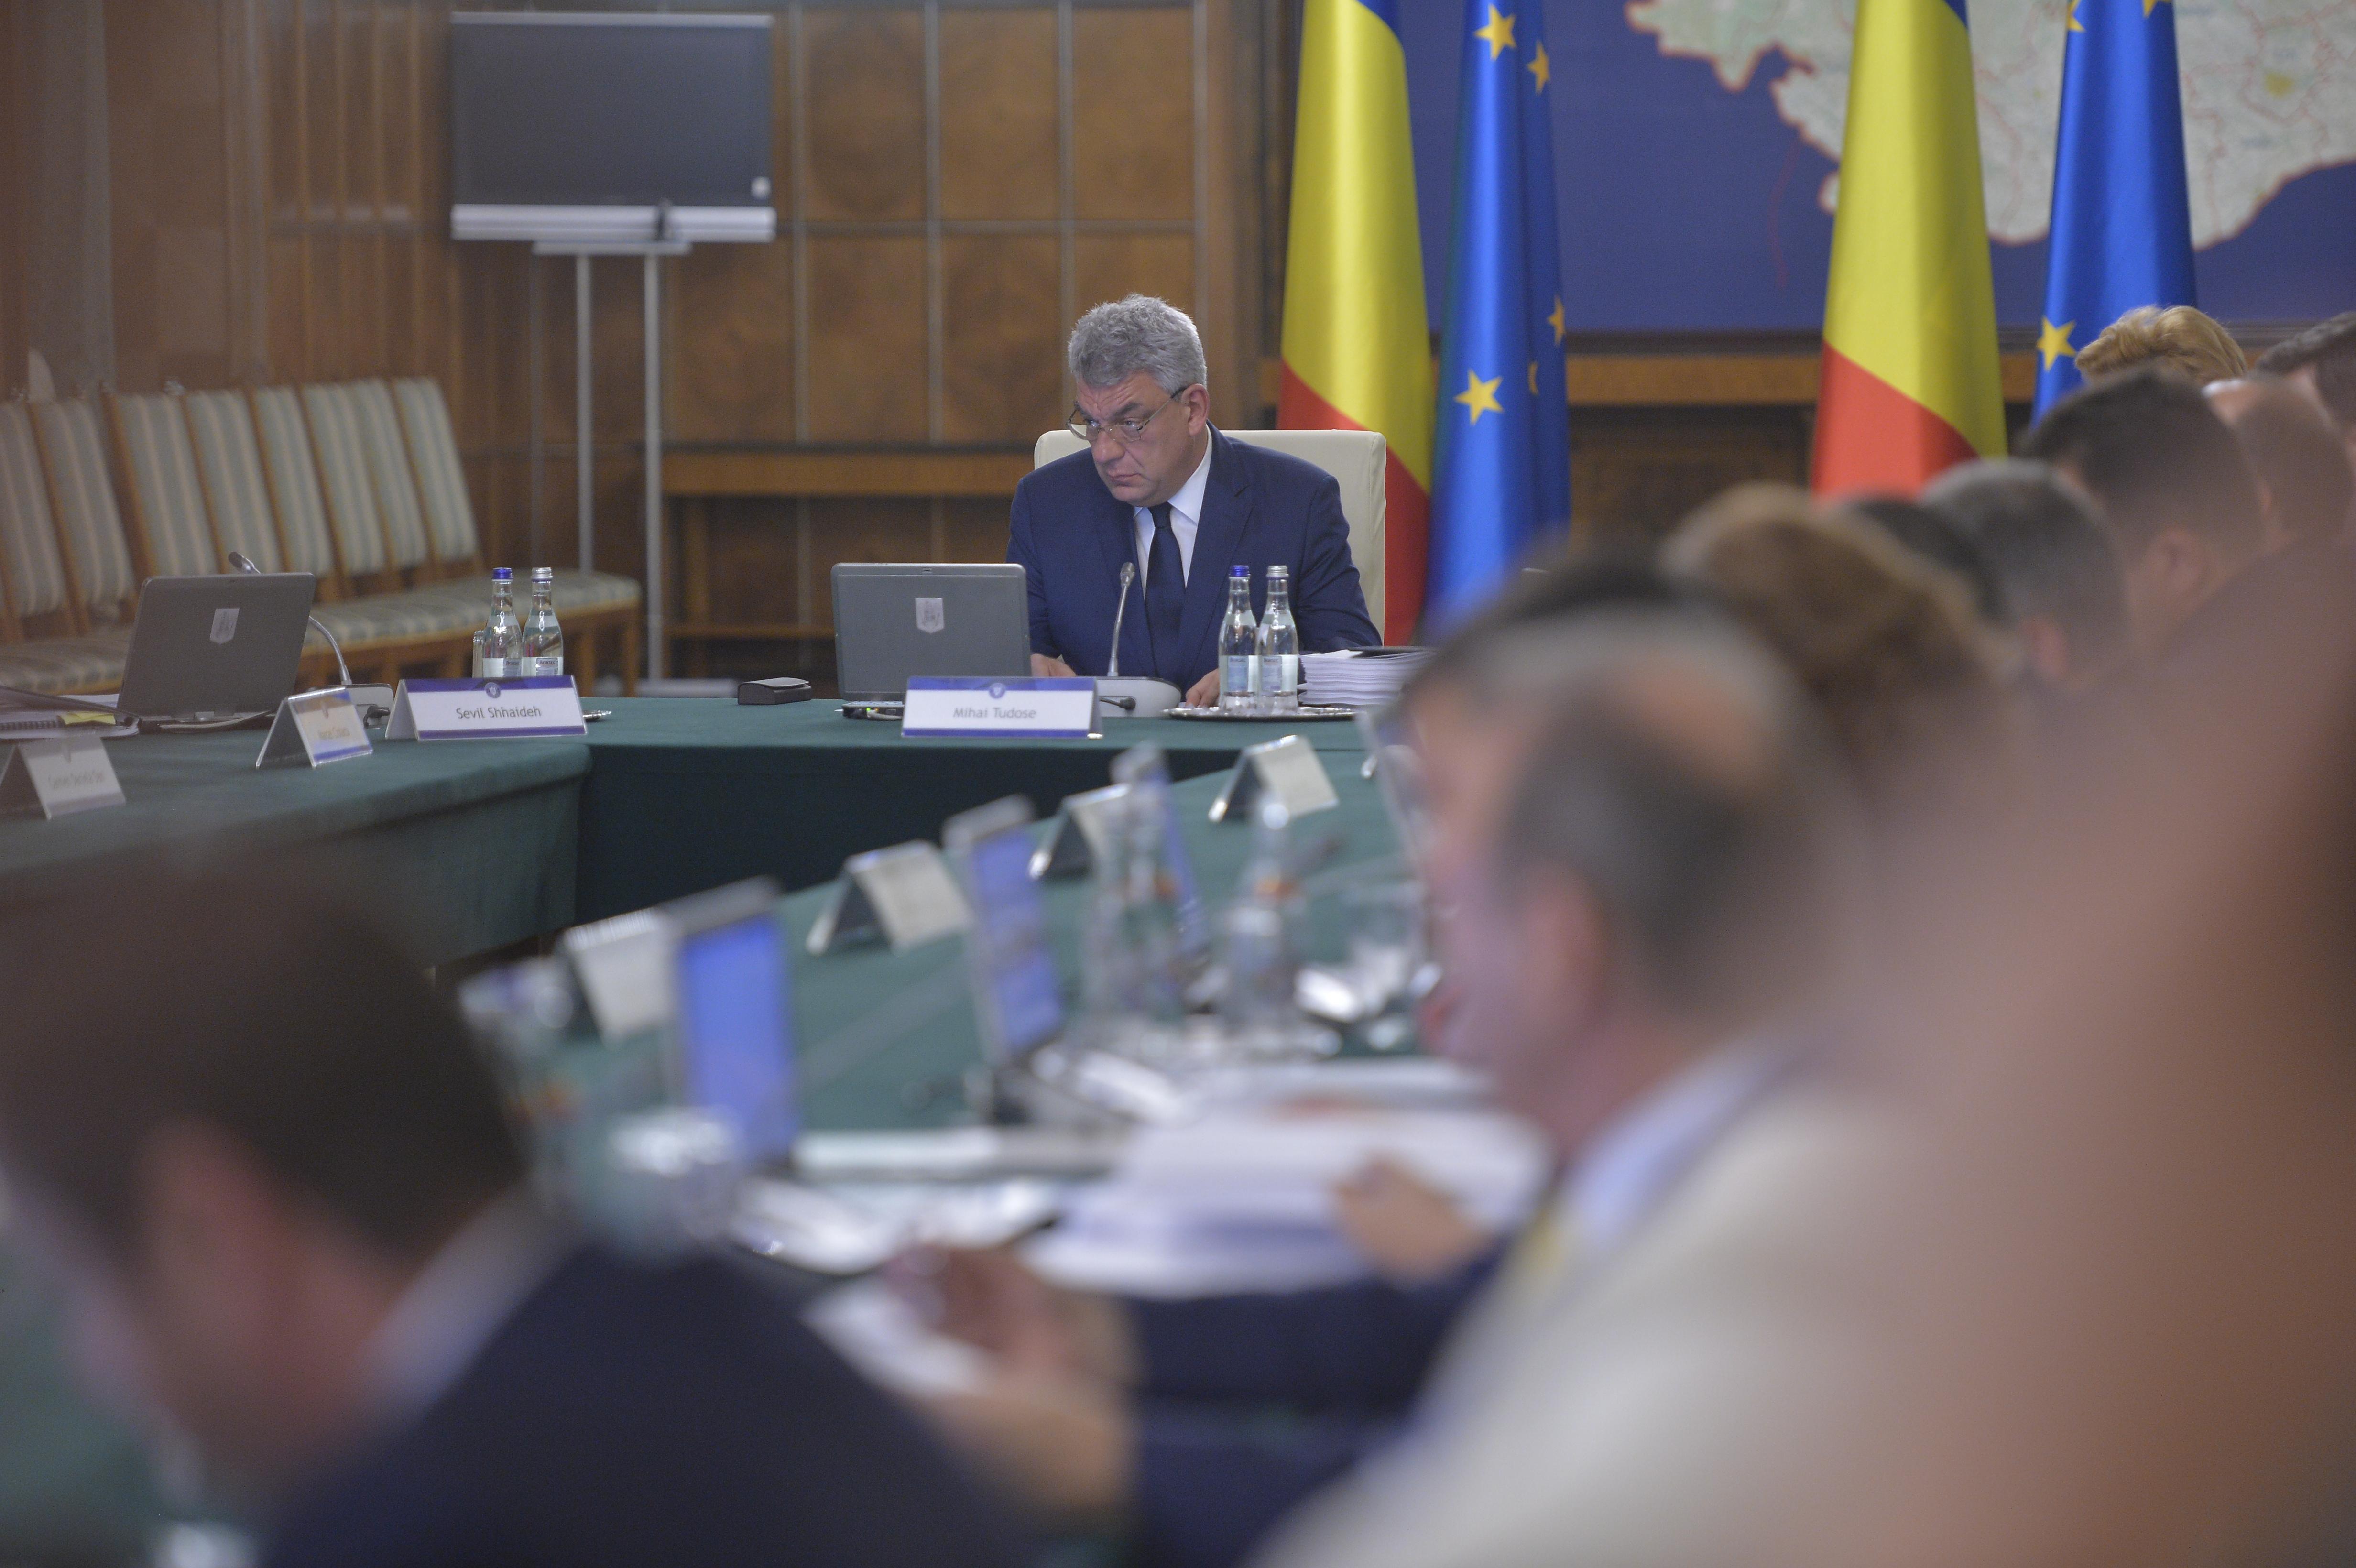 Premierul Mihai Tudose, despre achiziţia vaccinurilor antigripale: În fiecare an jucăm în acelaşi film -  începe licitaţia în ziua în care trebuie distribuţia